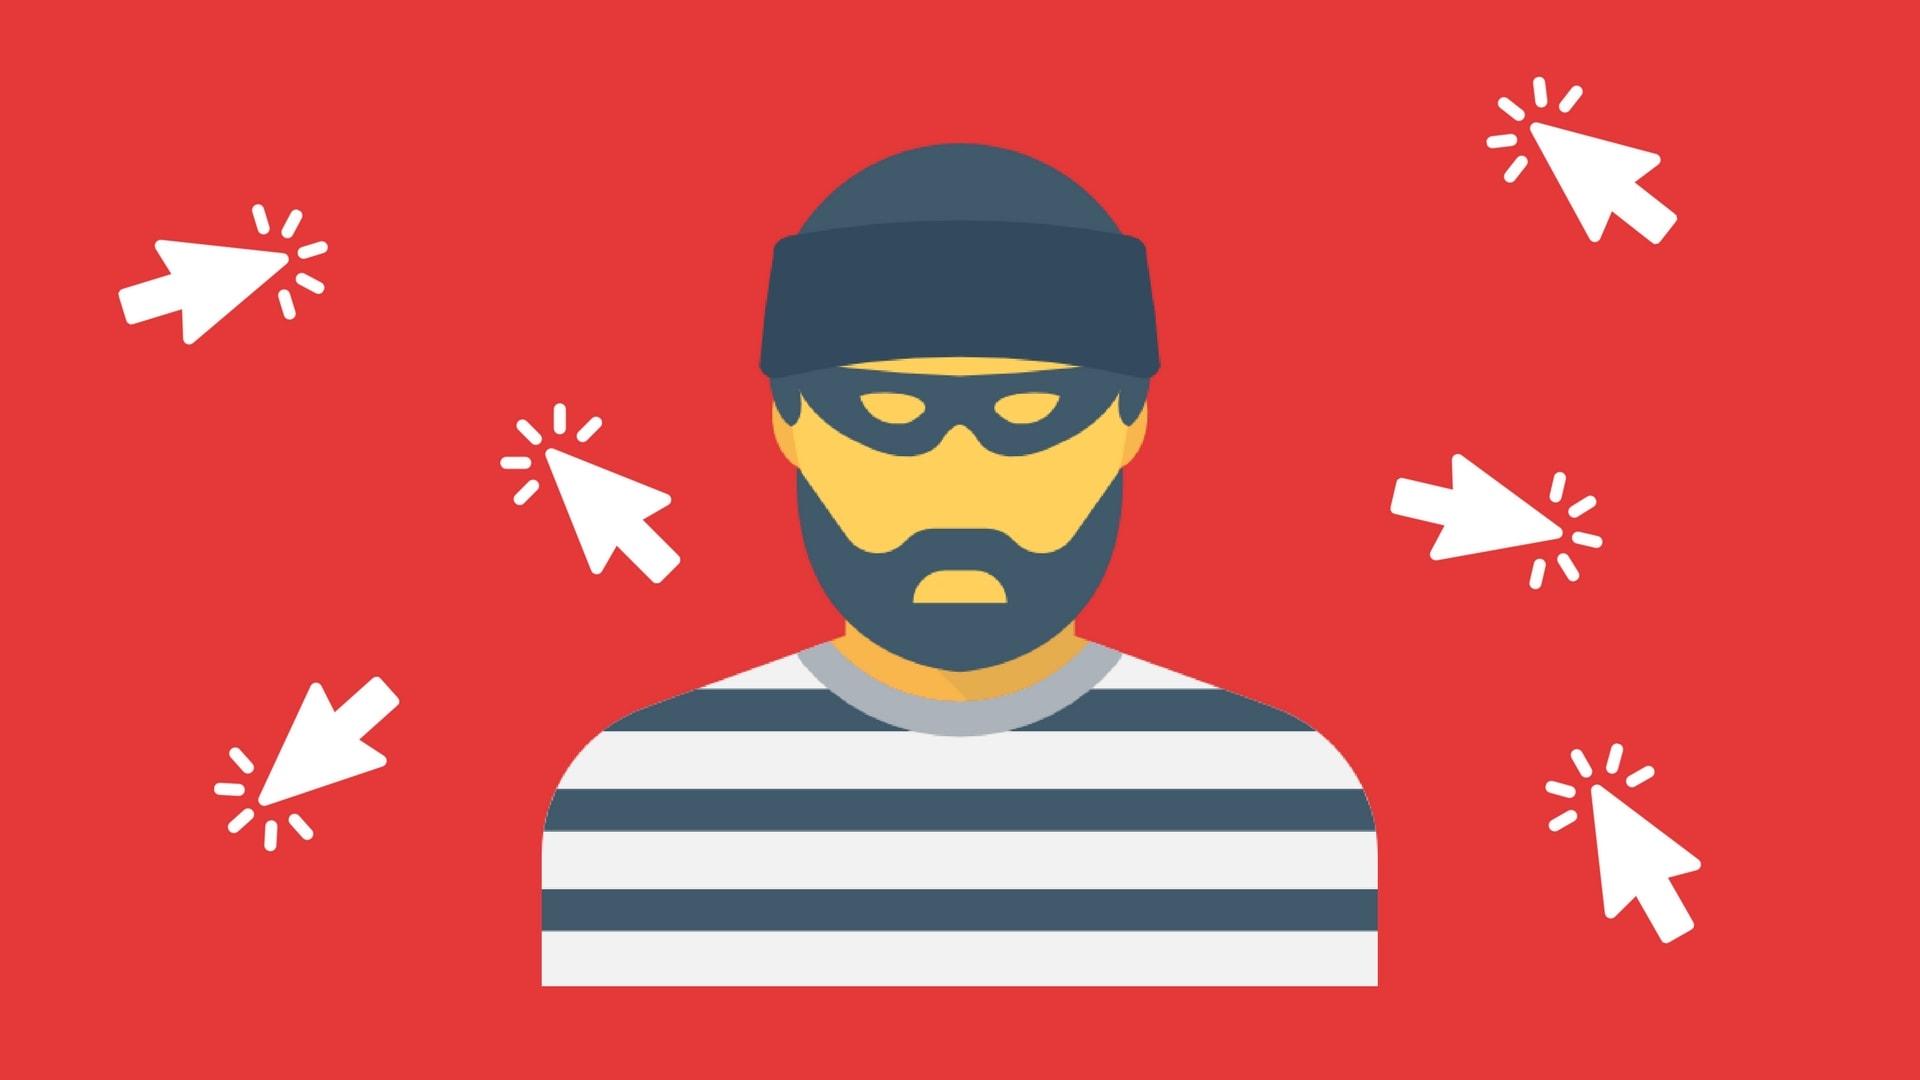 Scoprire i click fraudolenti